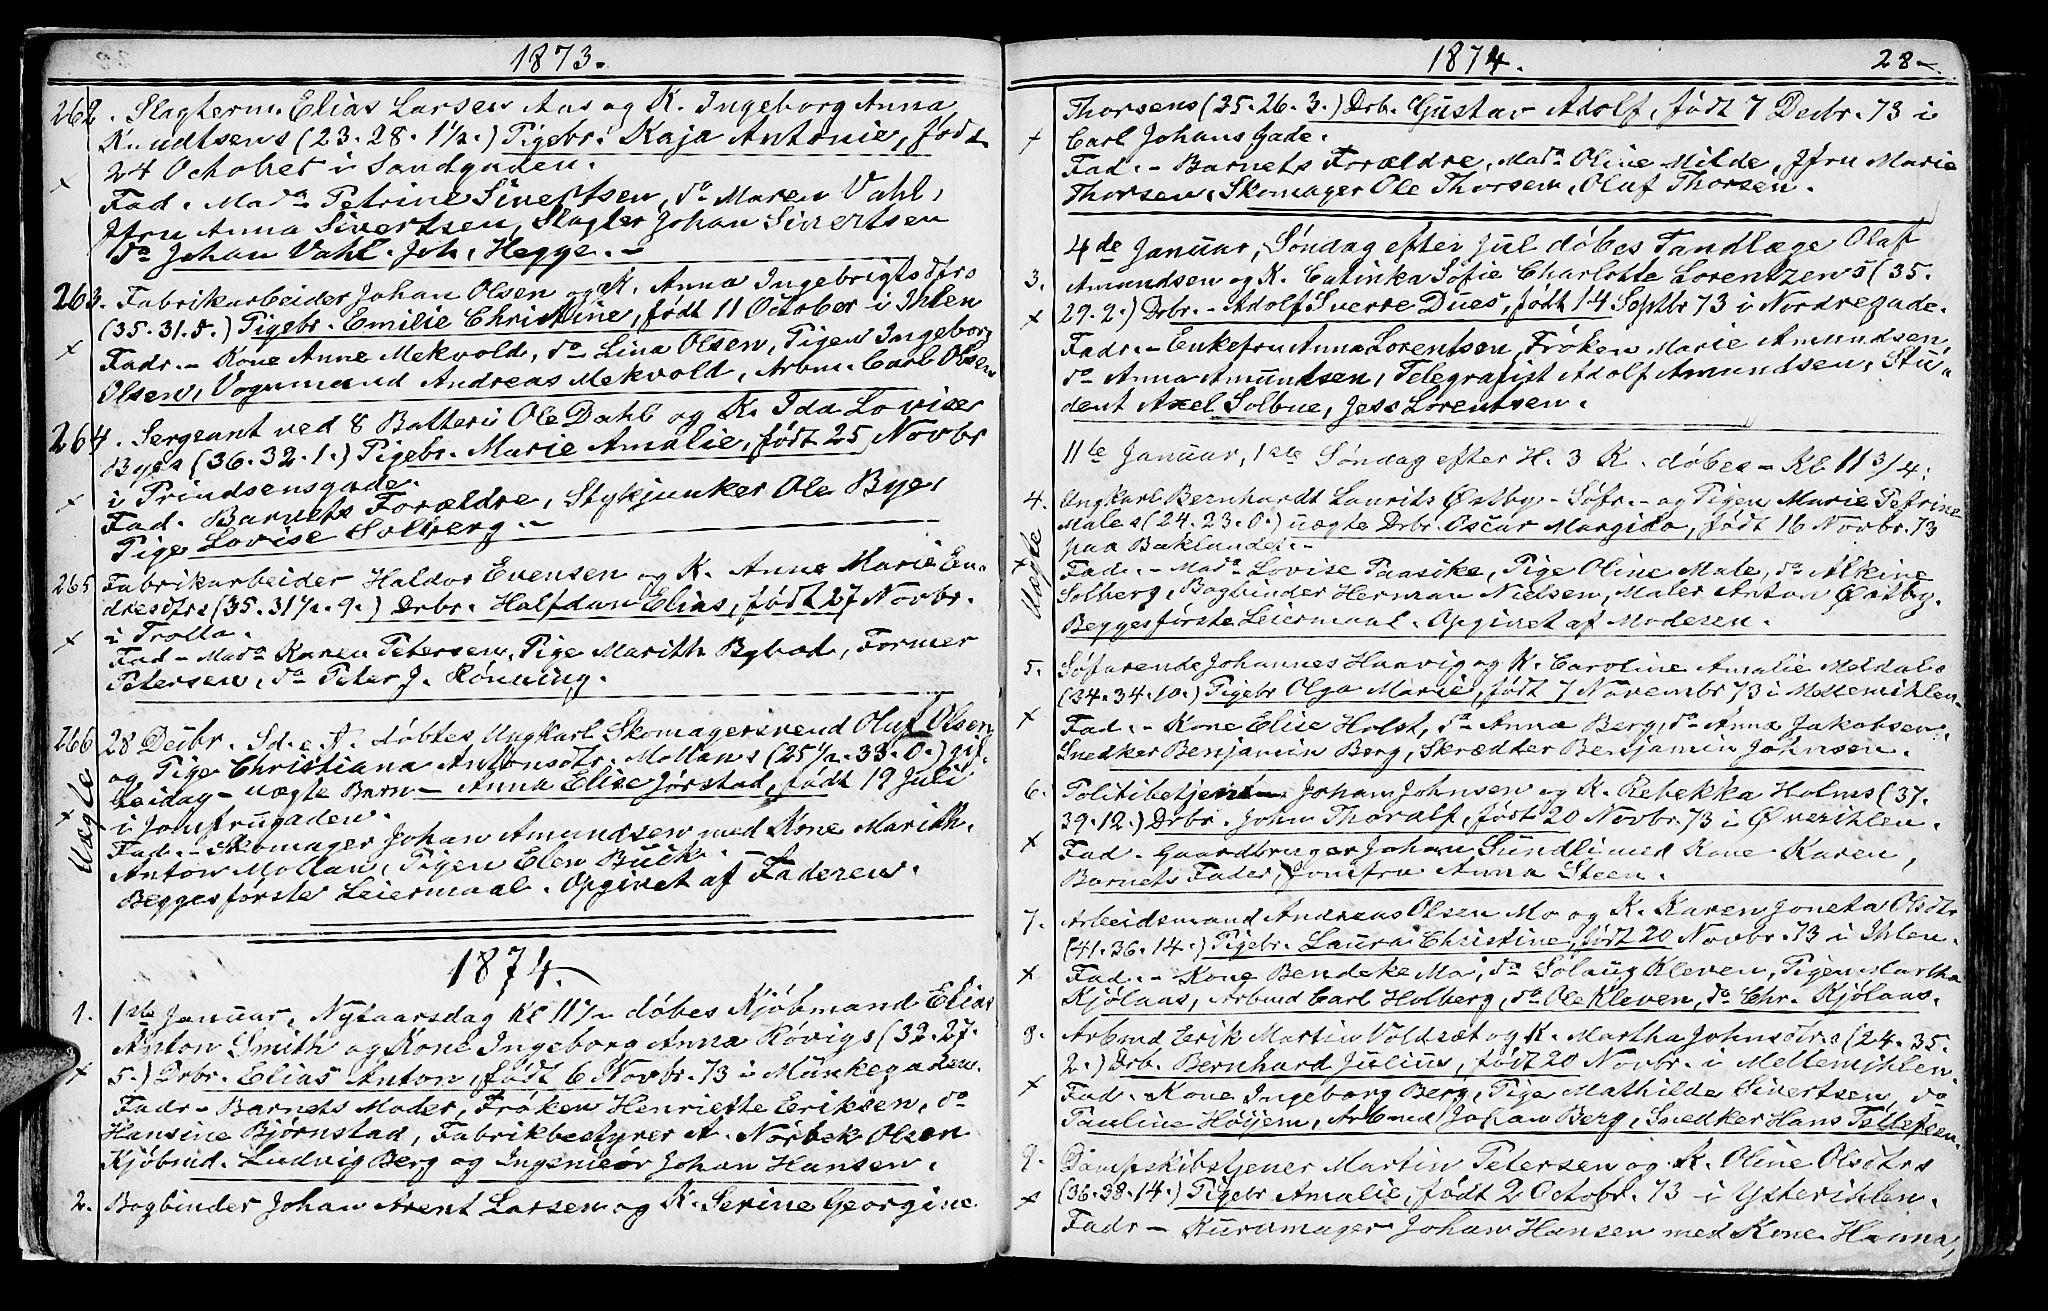 SAT, Ministerialprotokoller, klokkerbøker og fødselsregistre - Sør-Trøndelag, 602/L0142: Klokkerbok nr. 602C10, 1872-1894, s. 28